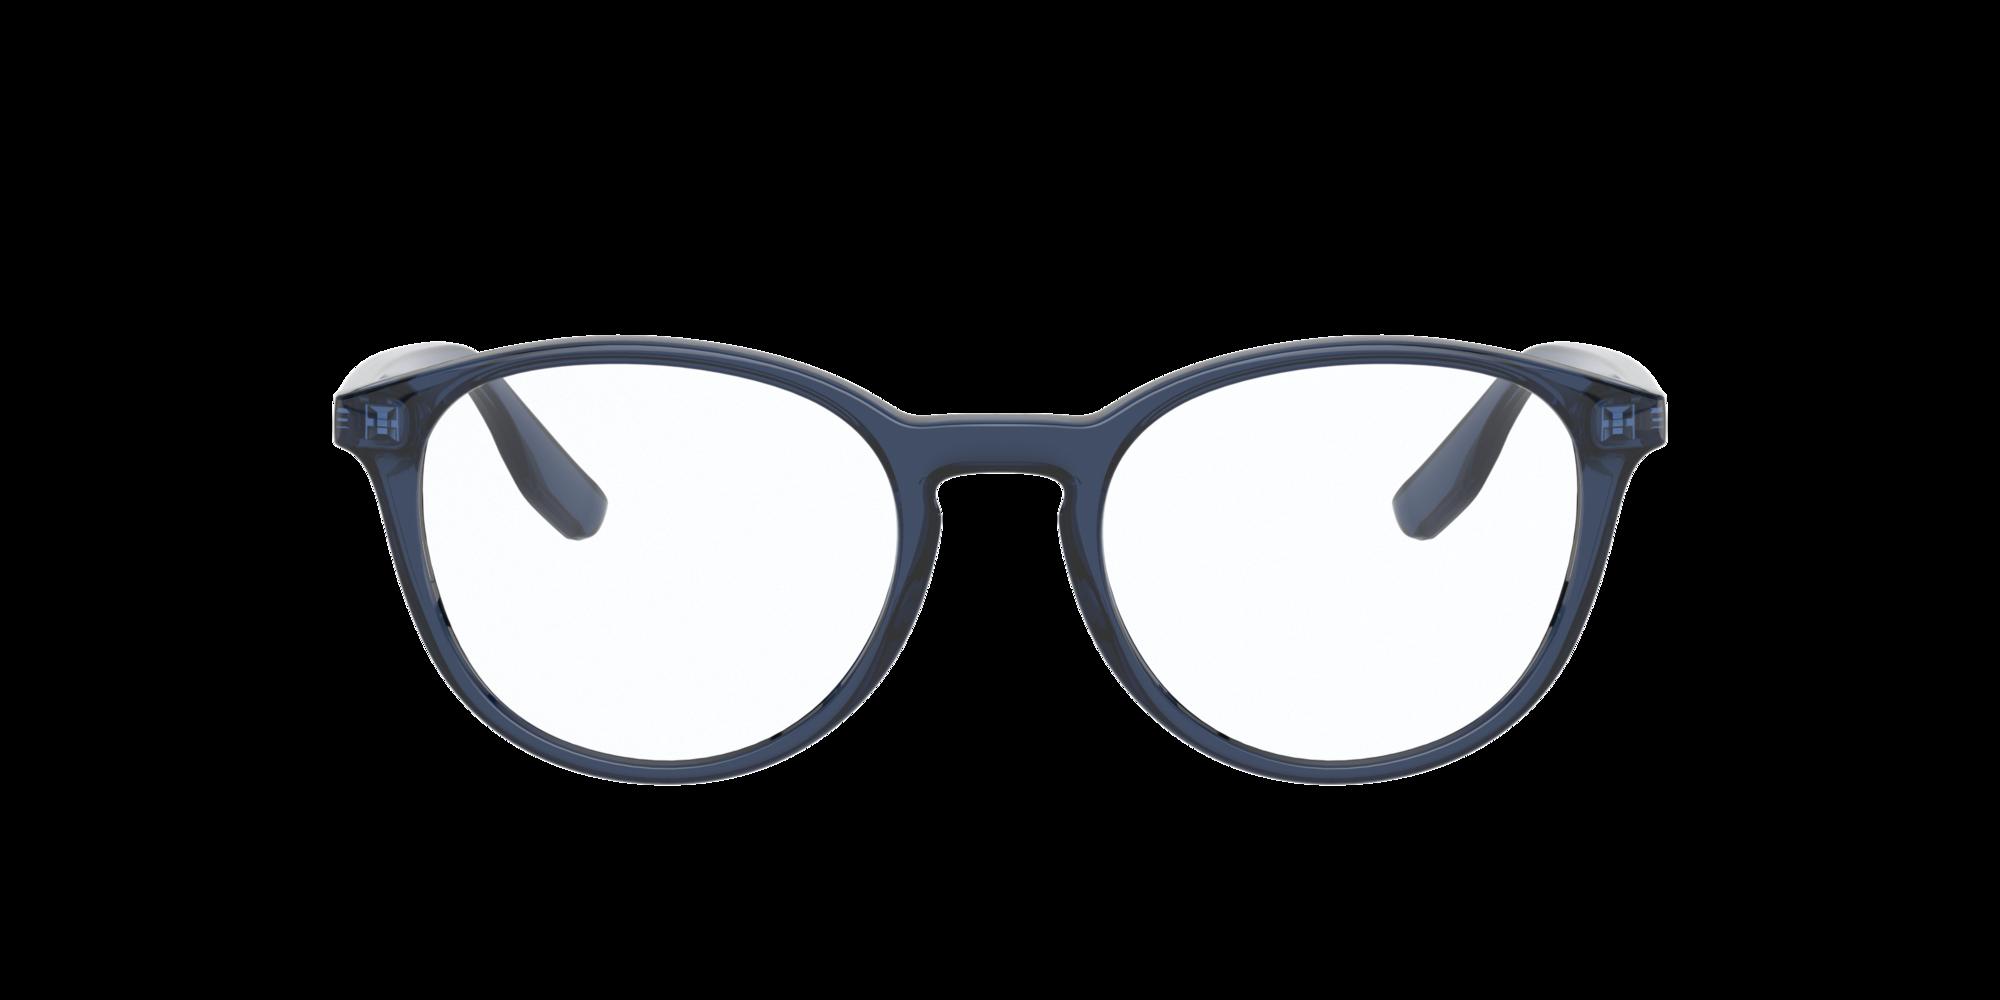 Imagen para CP3047 de LensCrafters |  Espejuelos, espejuelos graduados en línea, gafas